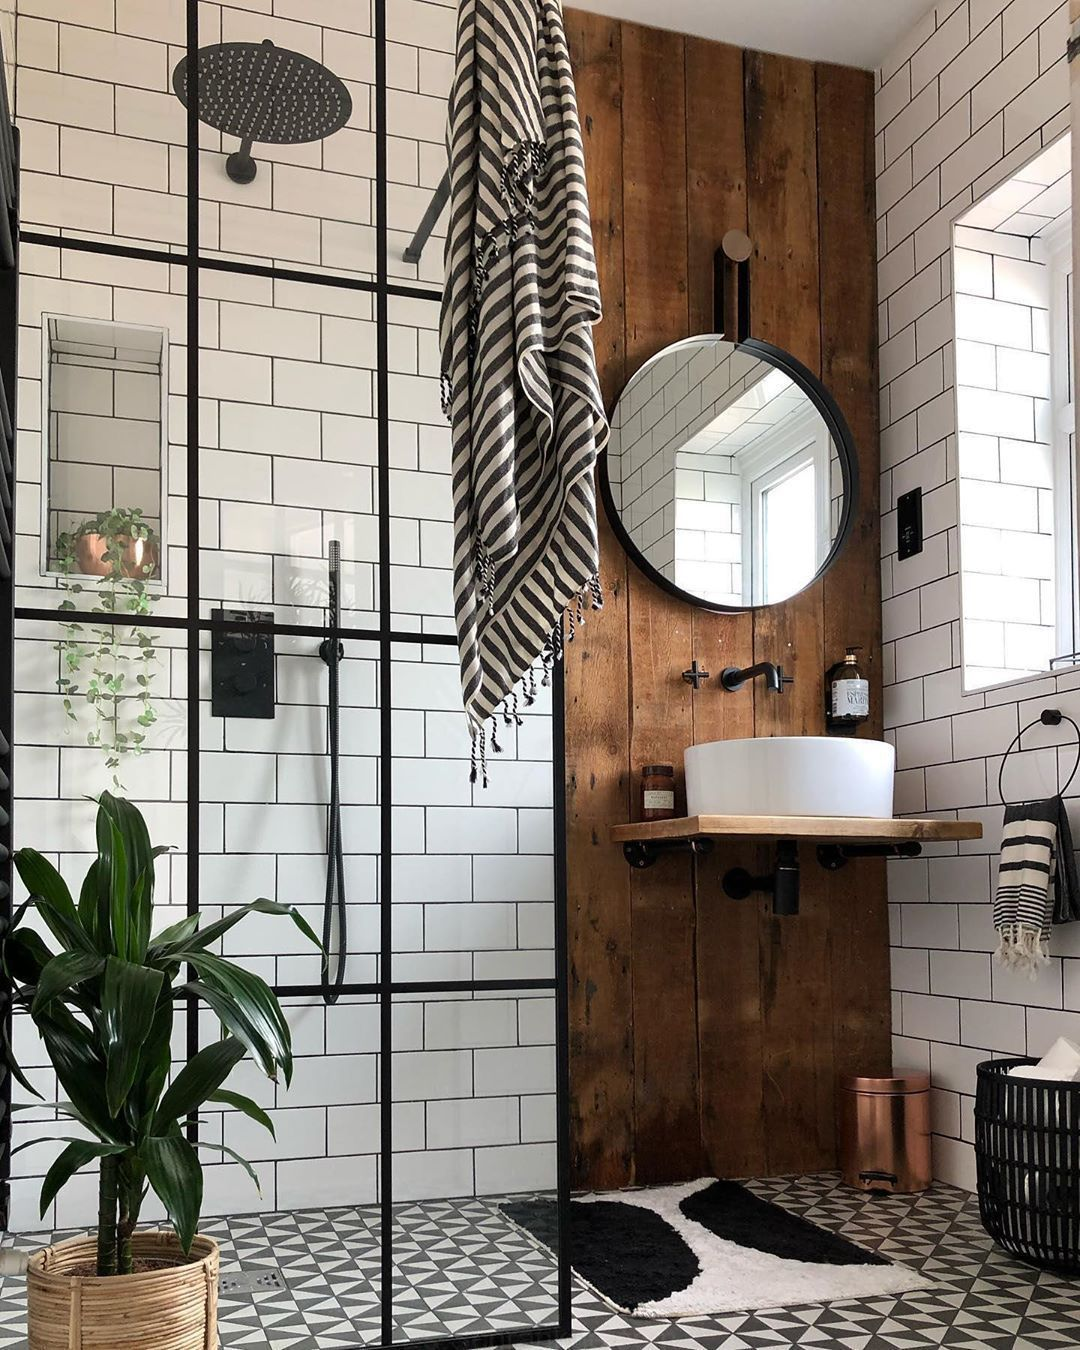 La Gallina De Estilo Industrial Cumple Bathroomgoals En